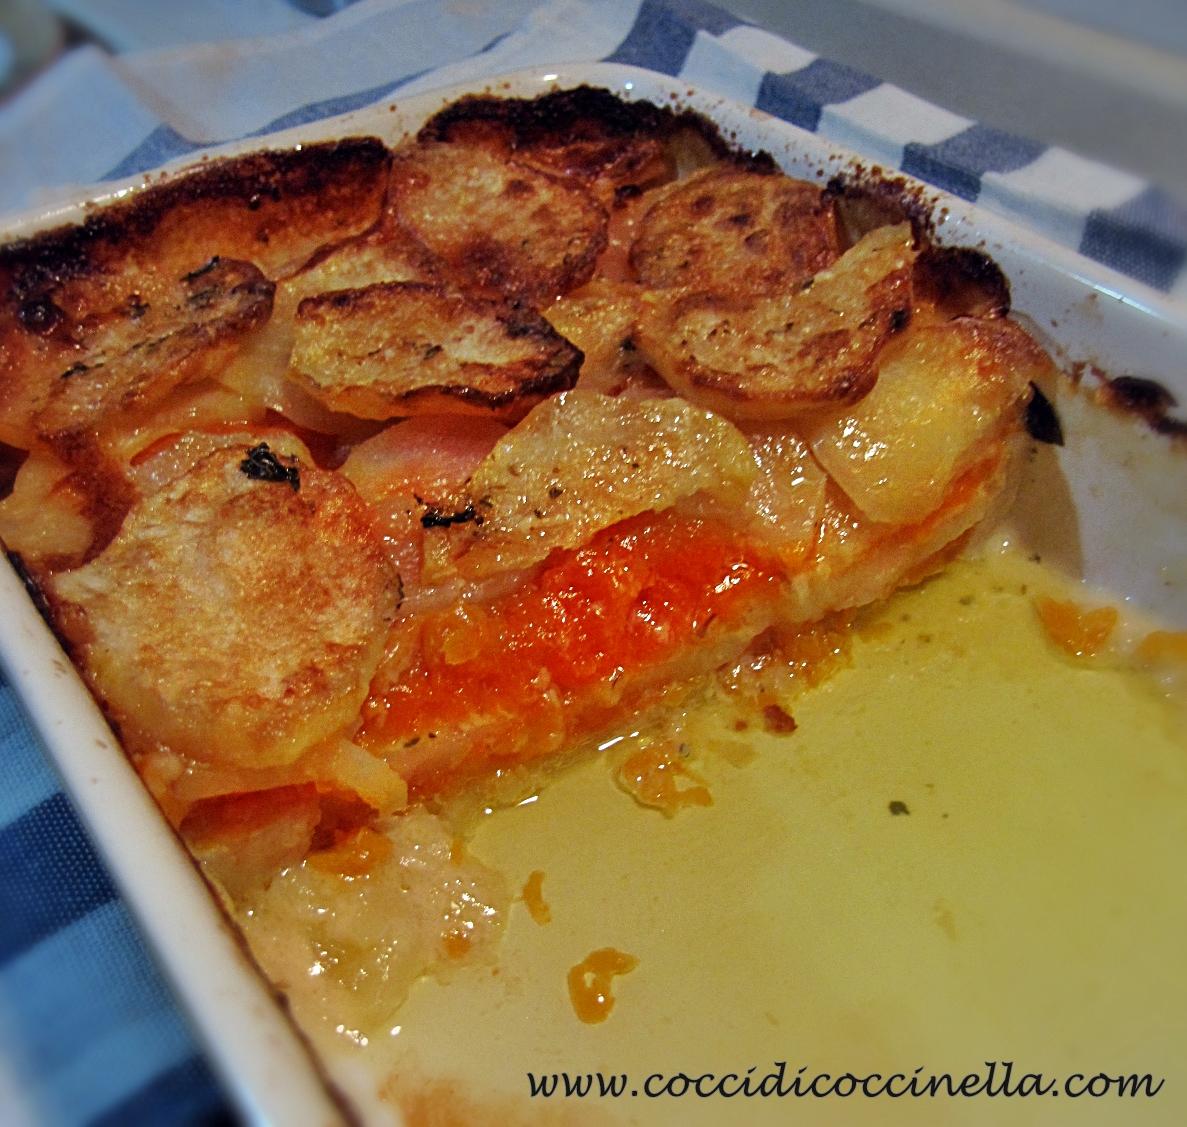 Ricetta Zucca E Patate Al Forno.Zucca E Patate Al Forno Ricetta Cocci Di Coccinella